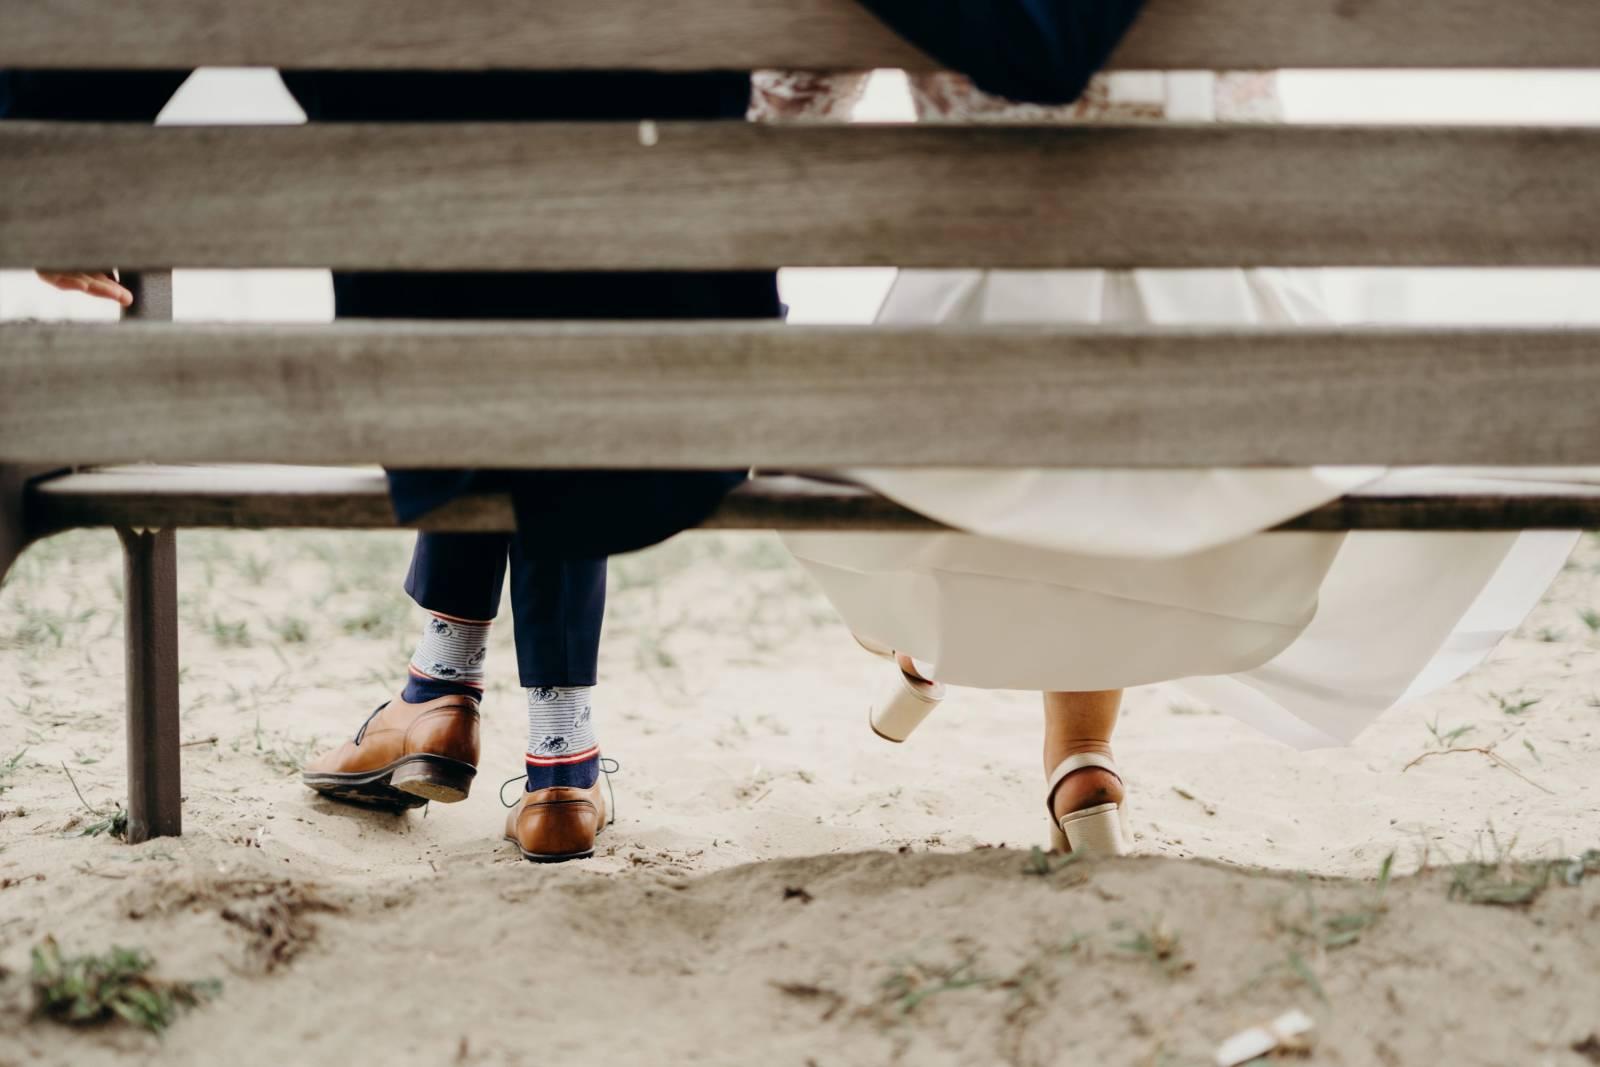 Frankie and Fish - Trouwfotograaf - Huwelijksfotograaf - Bruidsfotograaf - House of Weddings - 23